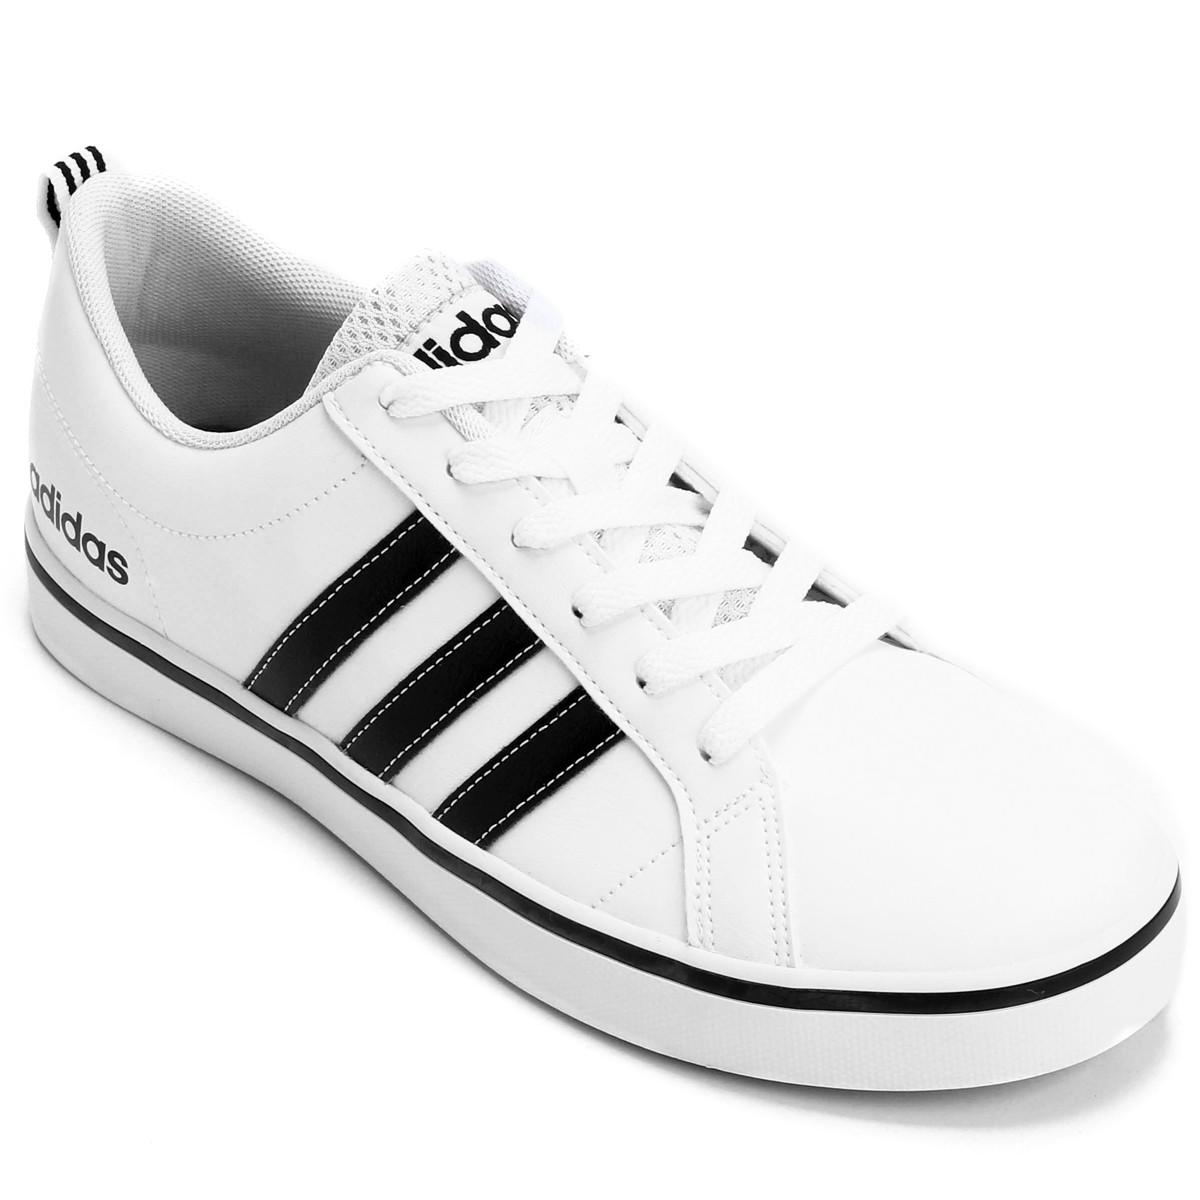 dd9c9ce65a7 Tênis Masculino Adidas Pace Vs AW4594 - Branco Preto - Calçados ...